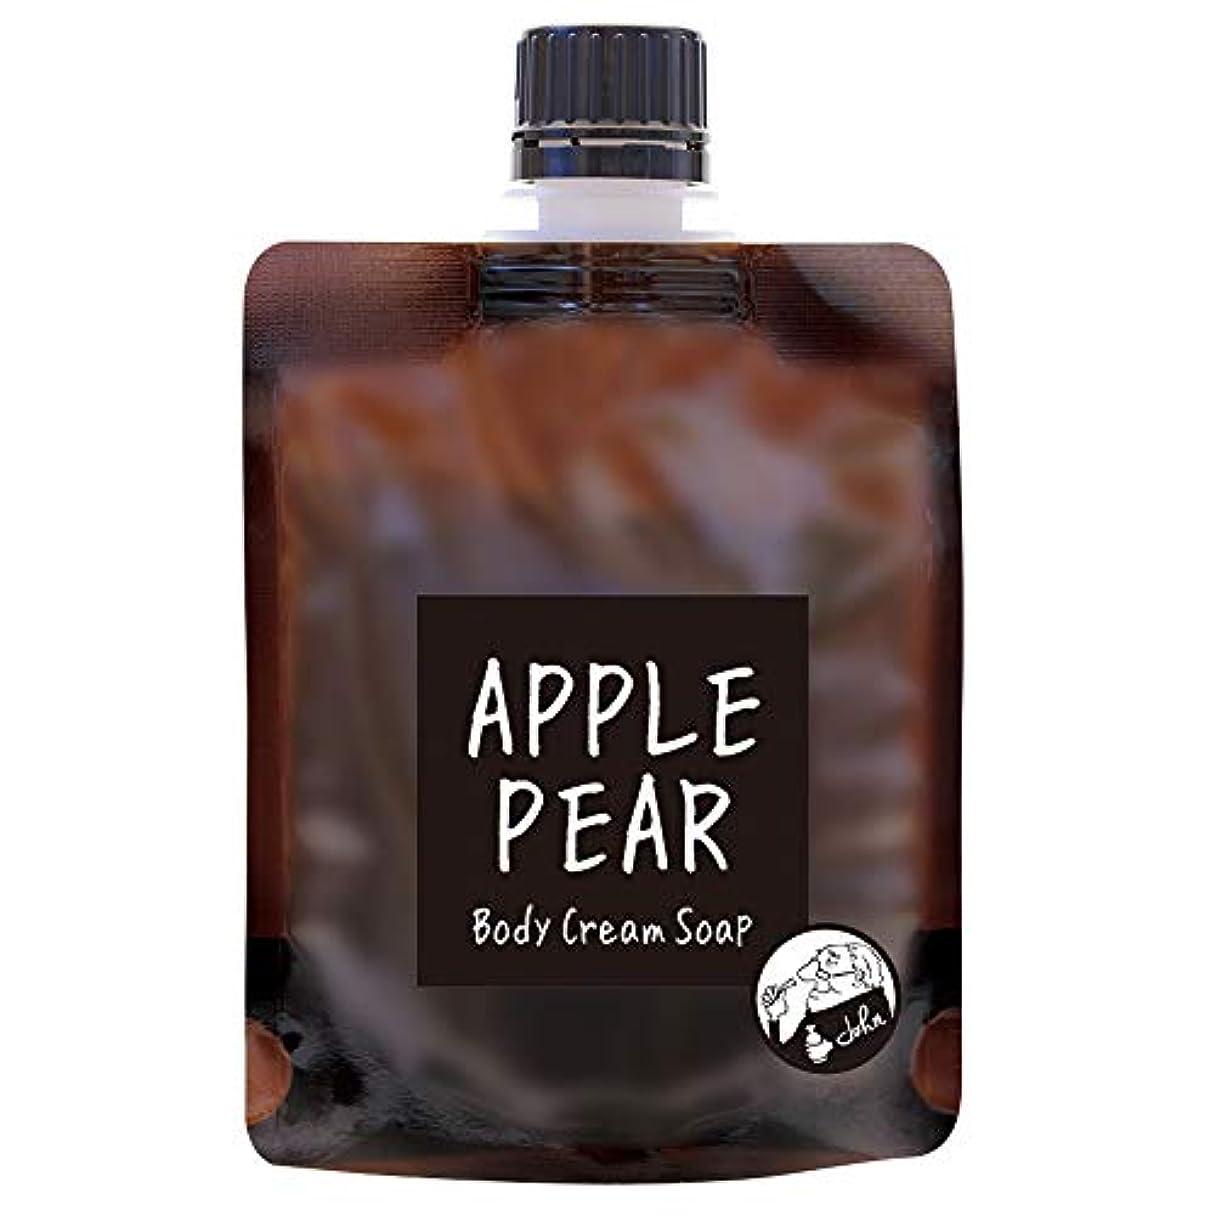 とげのある処分した溝ノルコーポレーション John's Blend ボディクリームソープ 保湿成分配合 OA-JON-19-4 ボディソープ アップルペアーの香り 100g